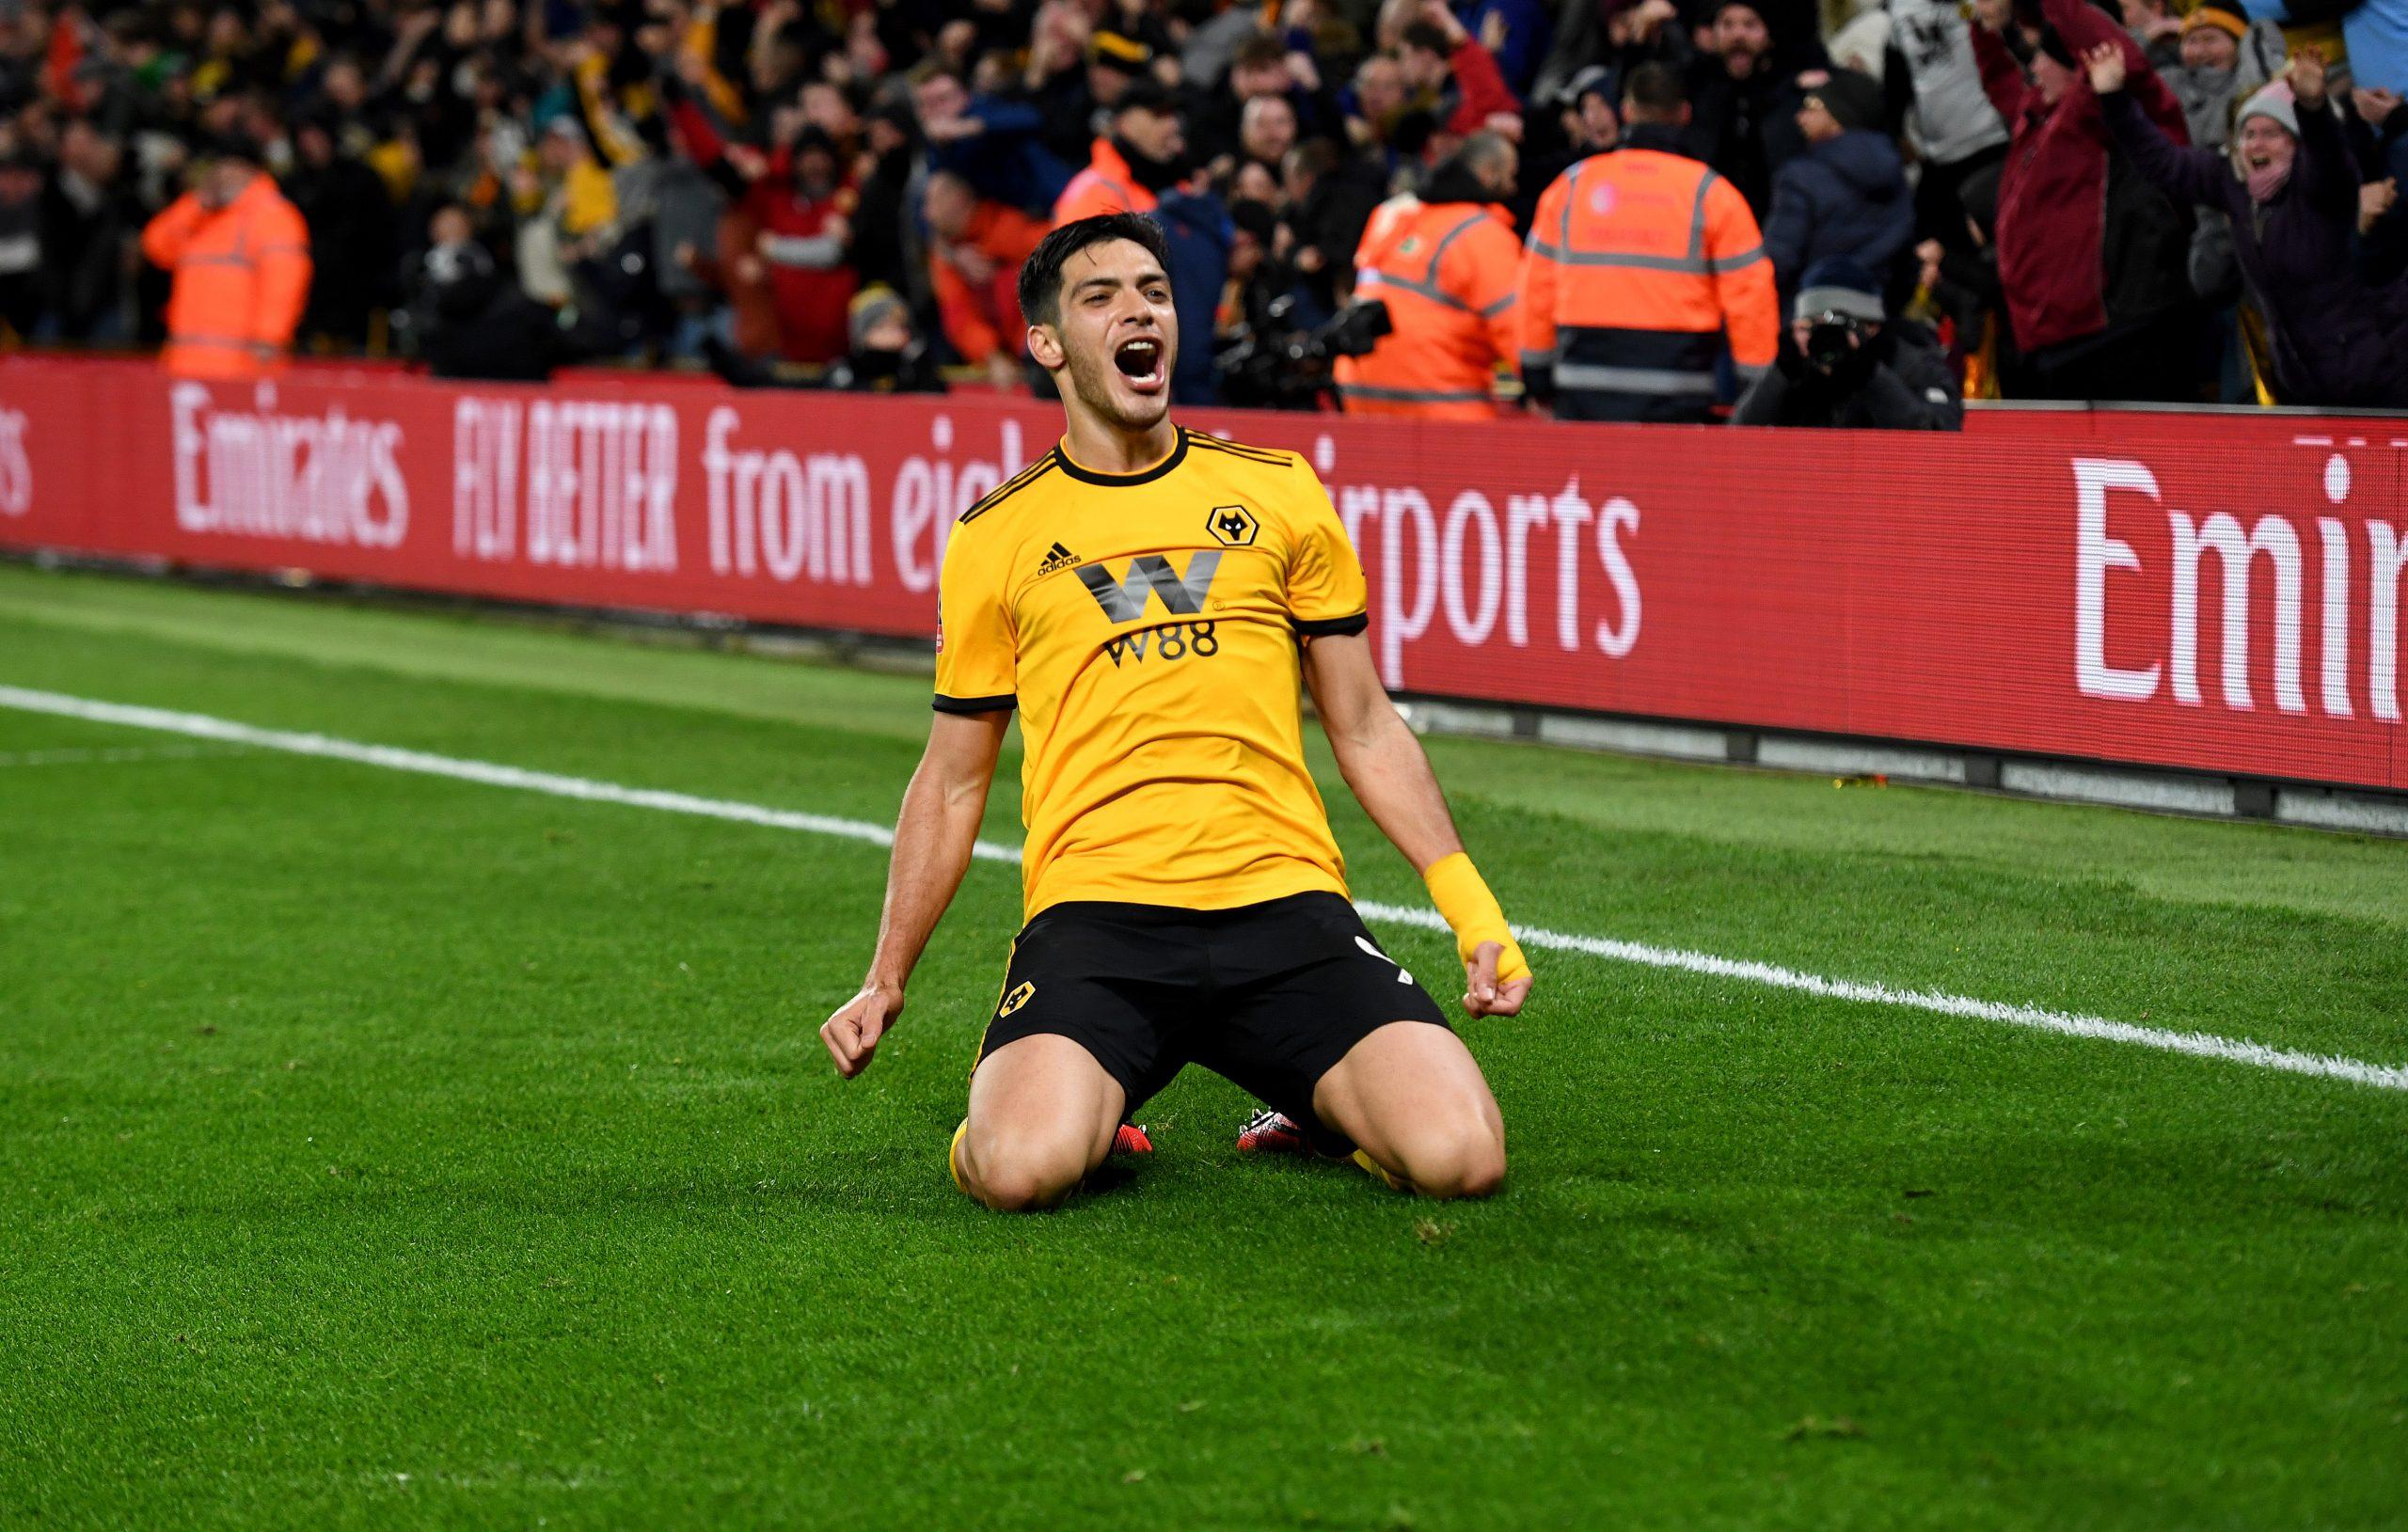 ¡Un lobo condecorado! Raúl Jiménez en el top 100 de mejores jugadores del año para The Guardian